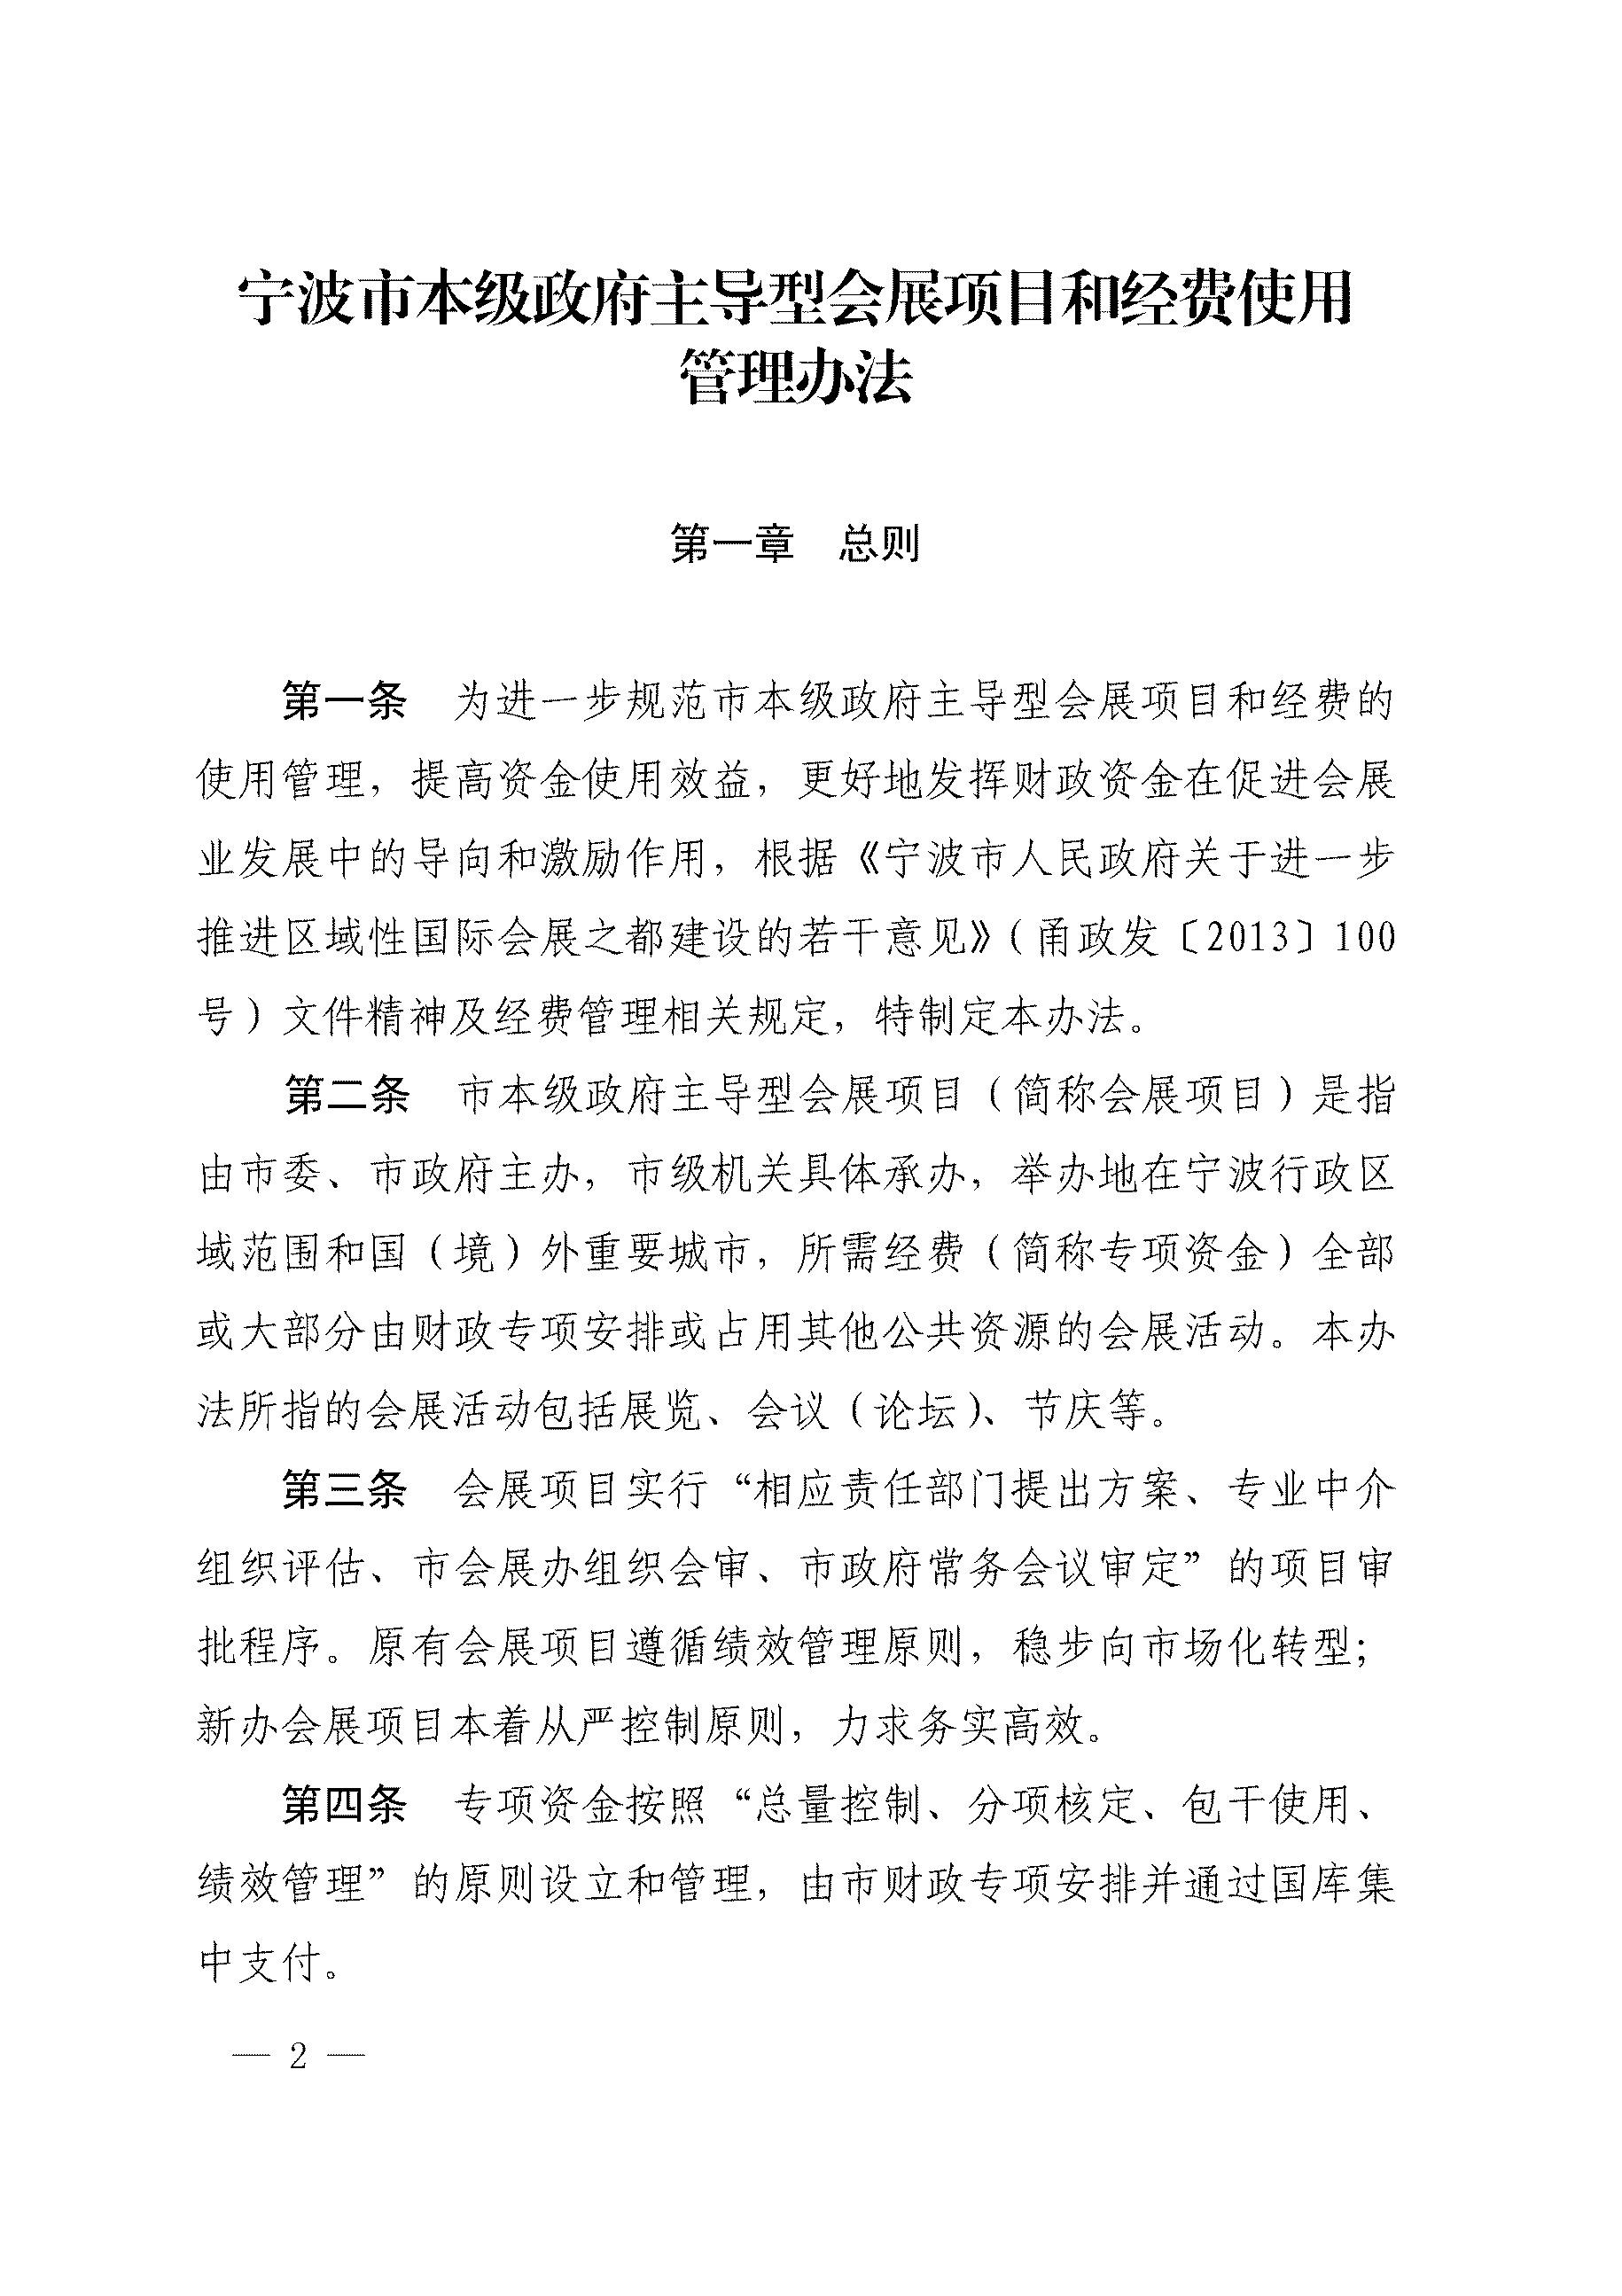 【新】宁波市人民政府办公厅关于印发宁波市本级政府主导型会展项目和经费使用管理办法的通知_p2.jpg